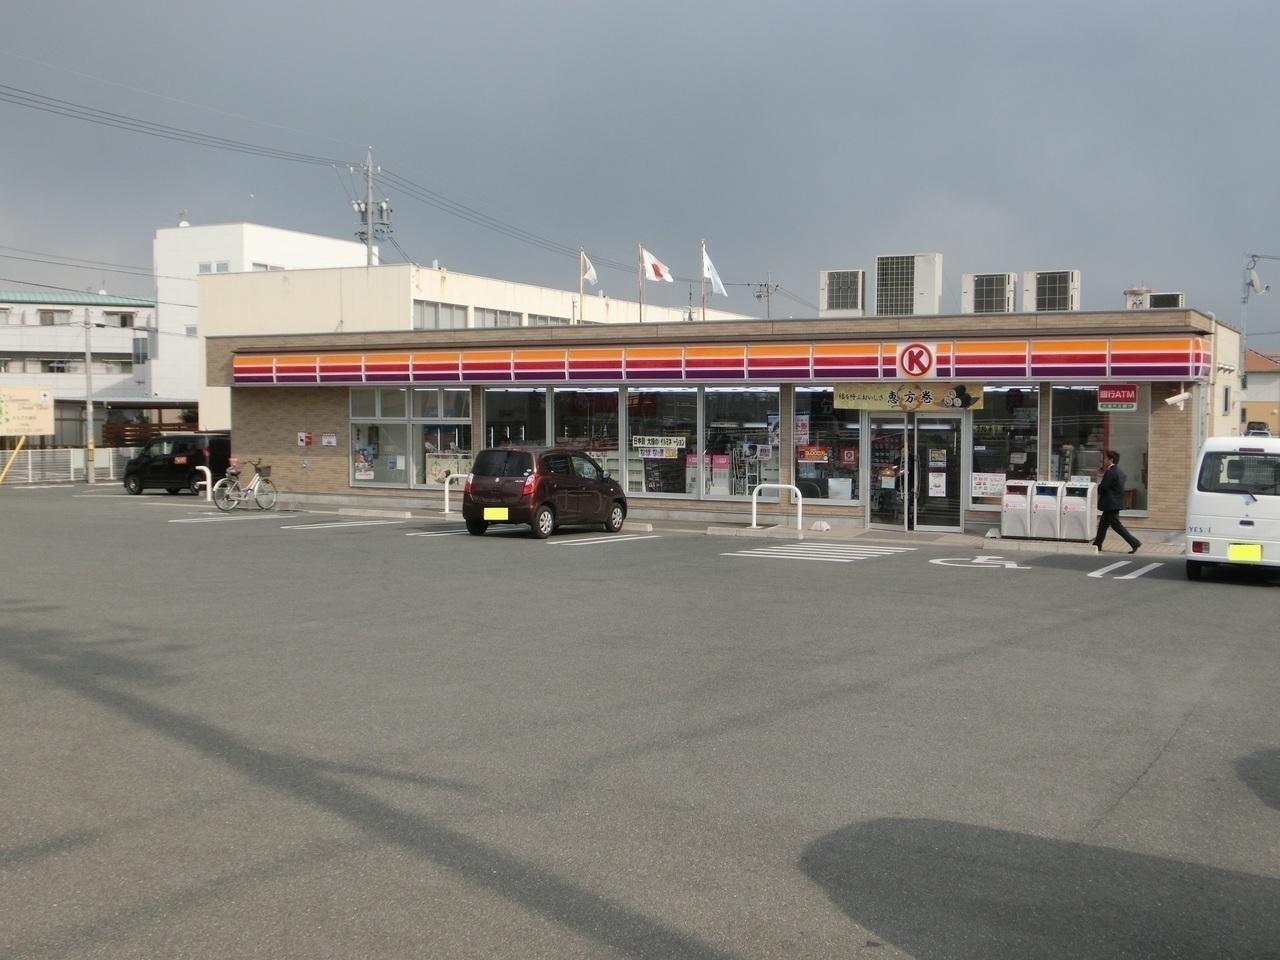 【コンビニ】サークルK豊橋中郷店まで徒歩6分(475m)